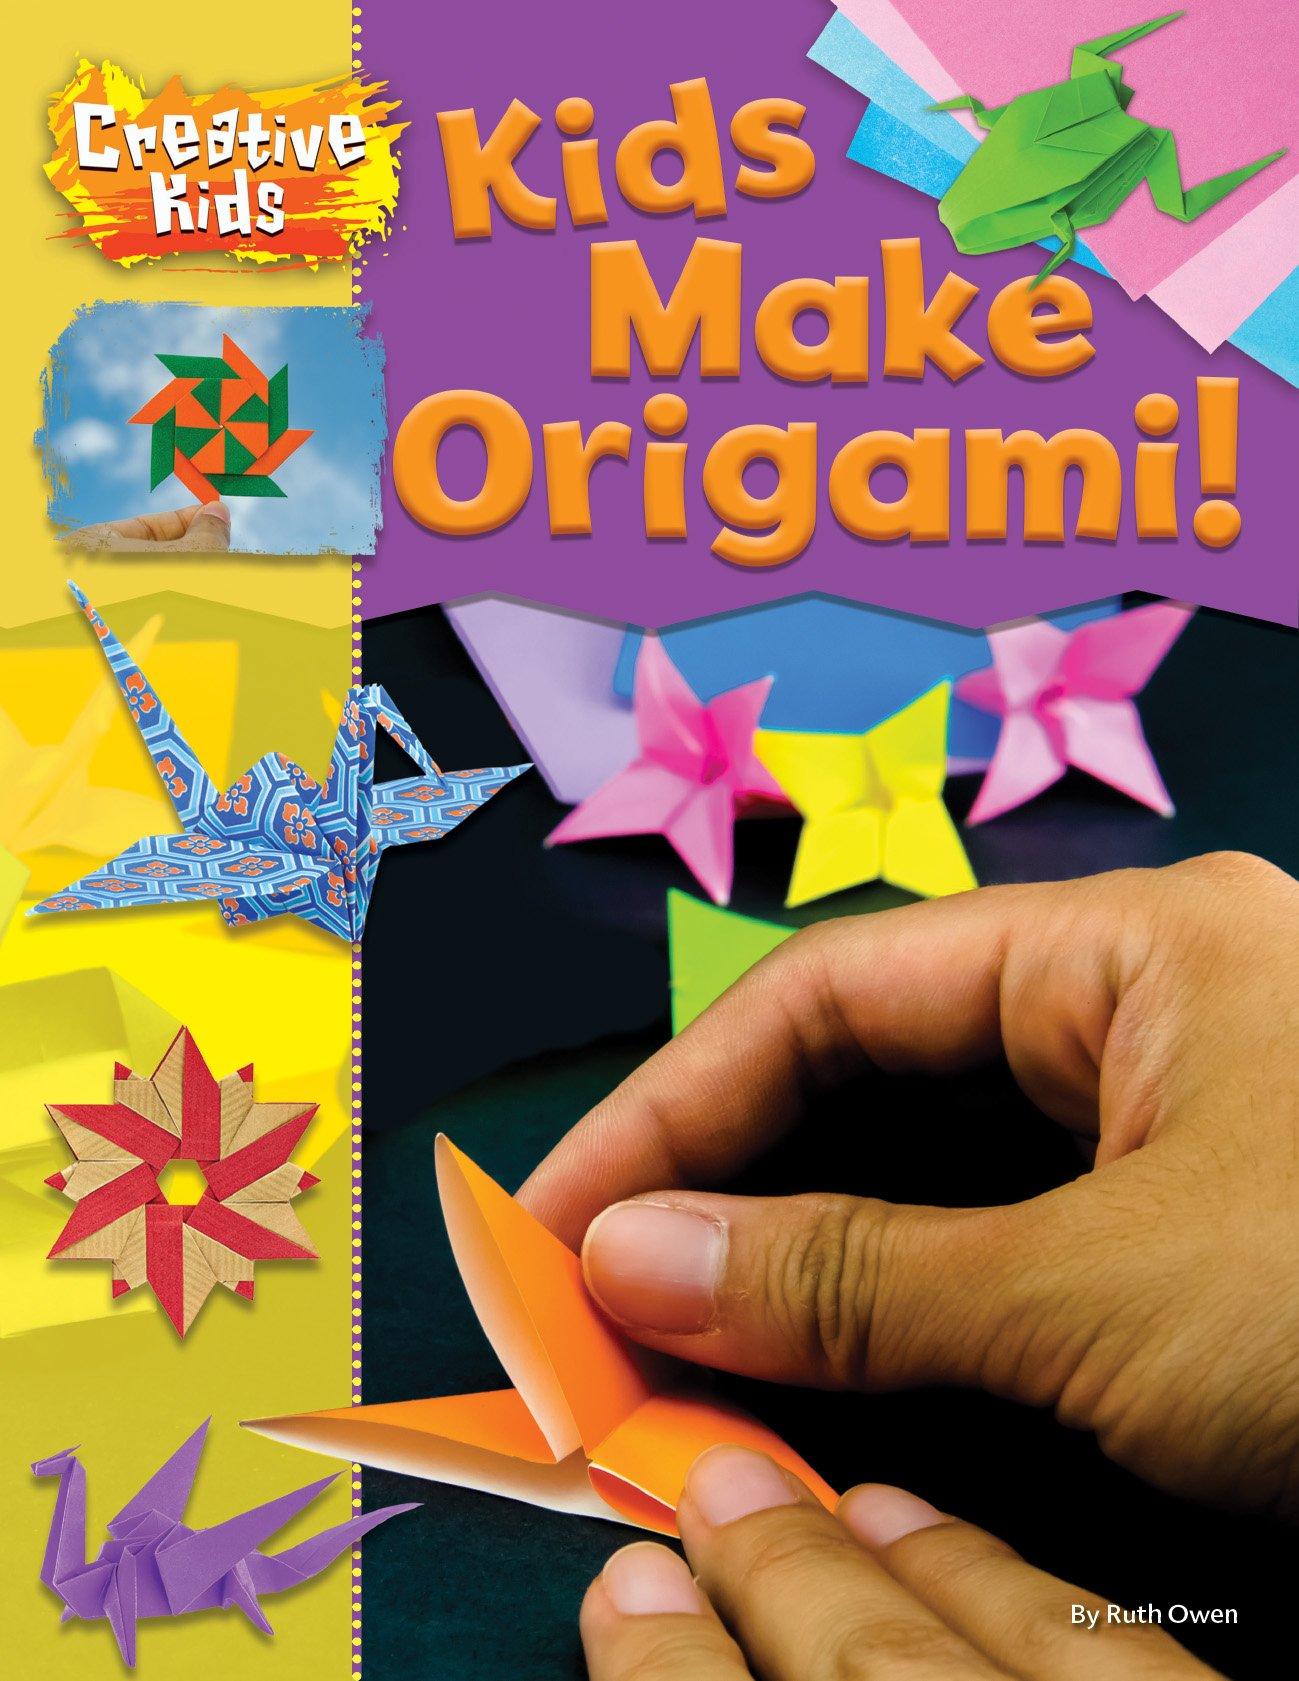 Kids Make Origami! (Creative Kids)